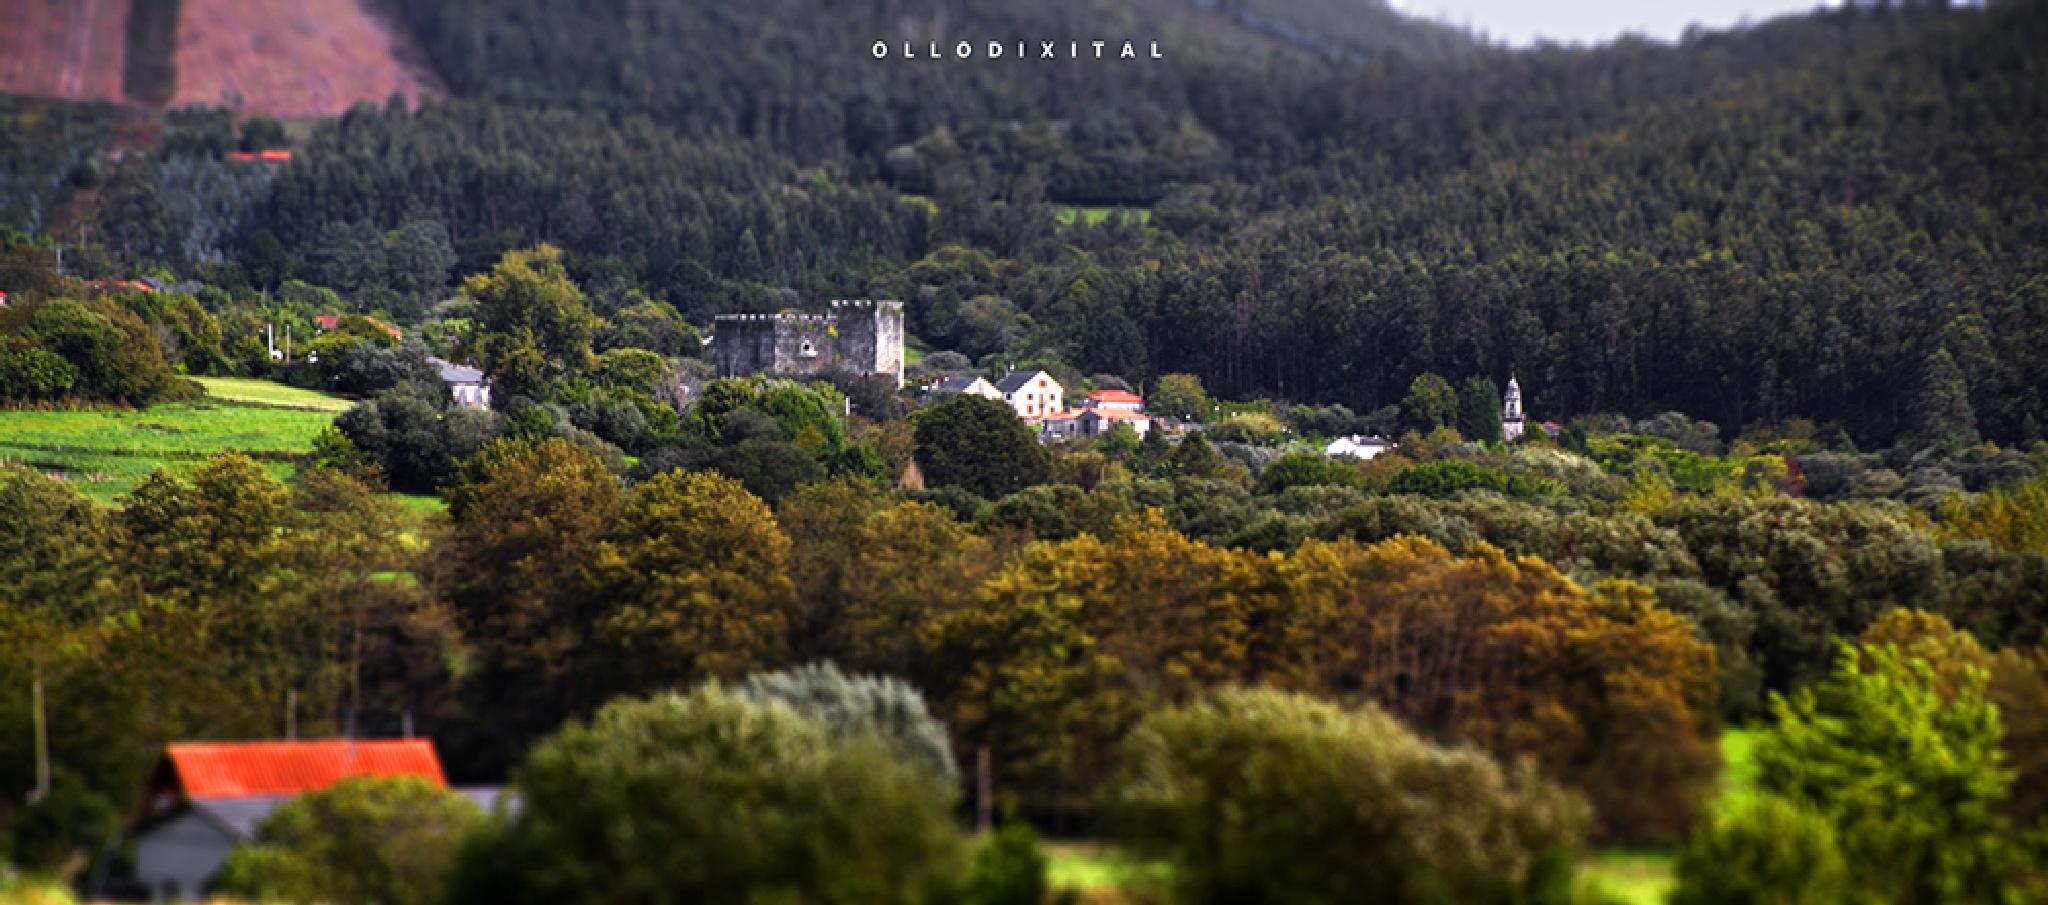 Moeche Castle by OlloDixital